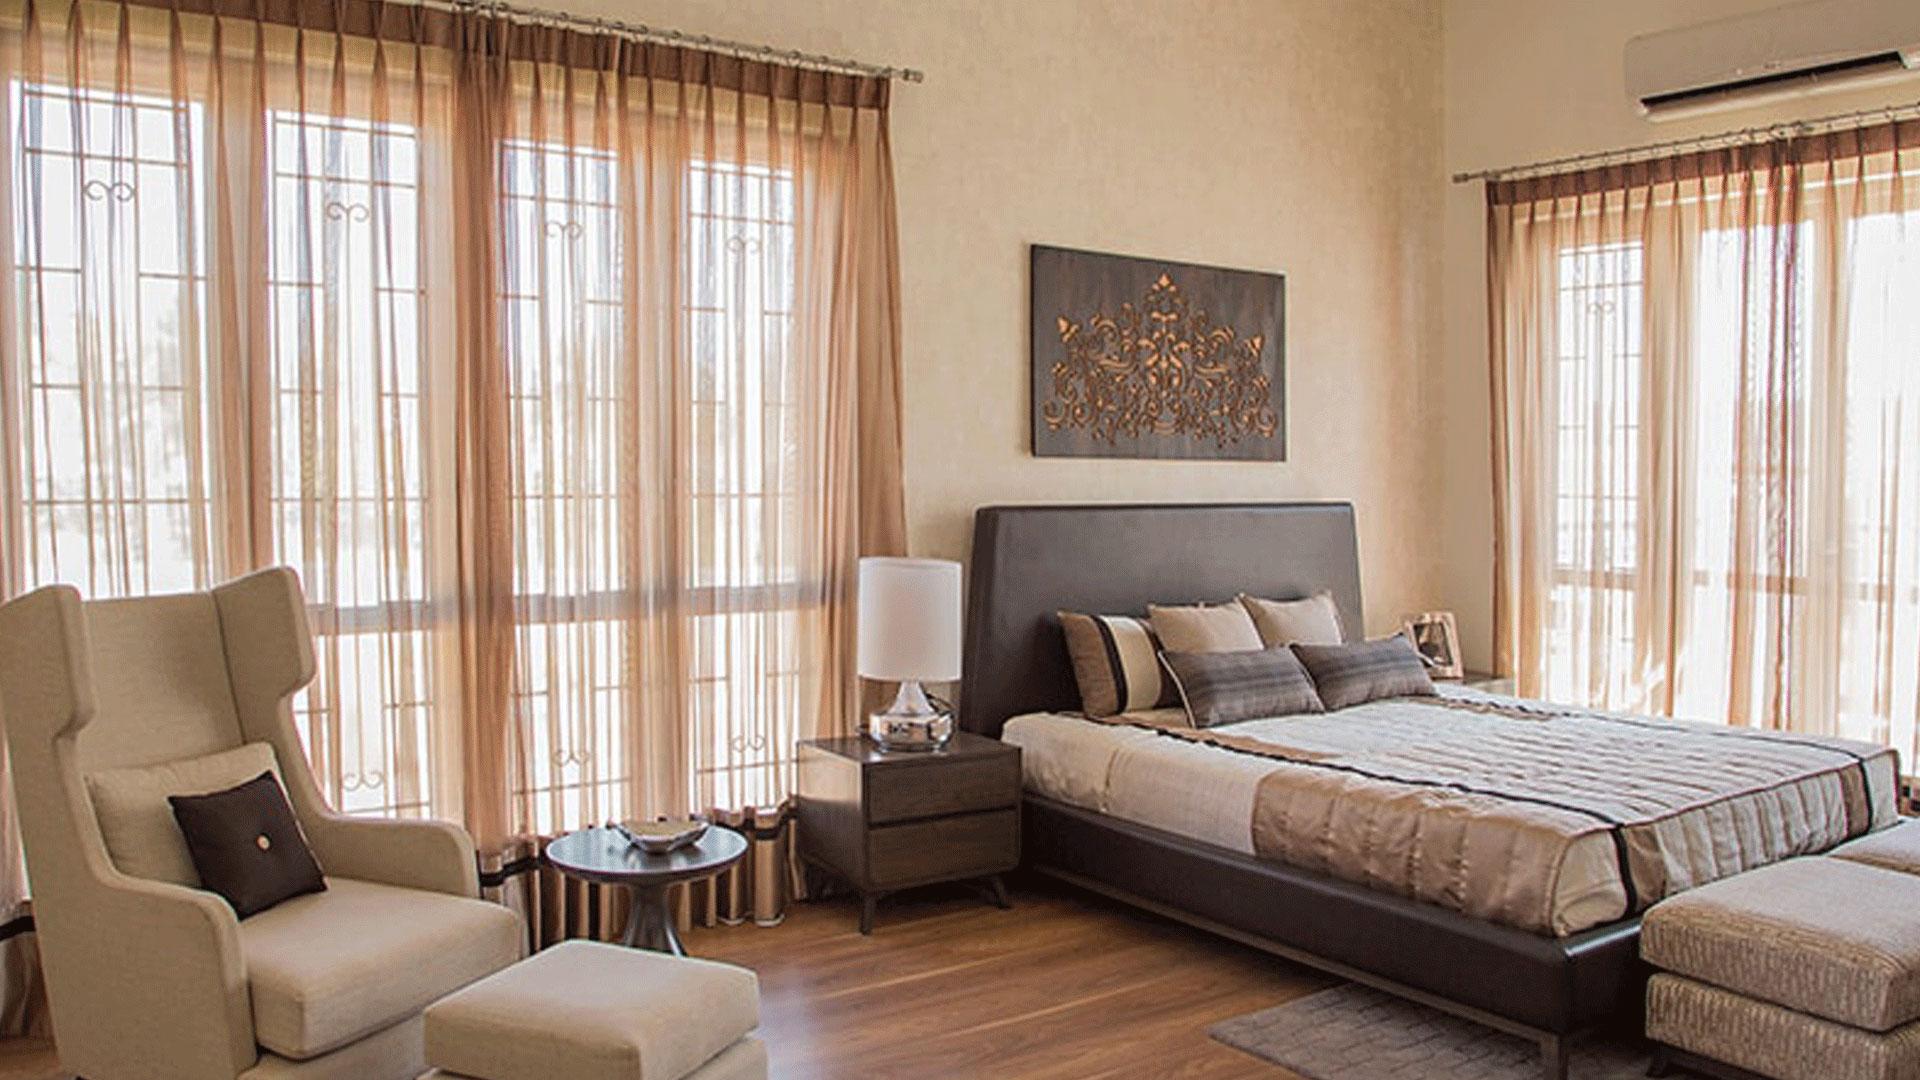 prestige-glenwood-Villas-in-Avalon-Layout-Bangalore-Image-03